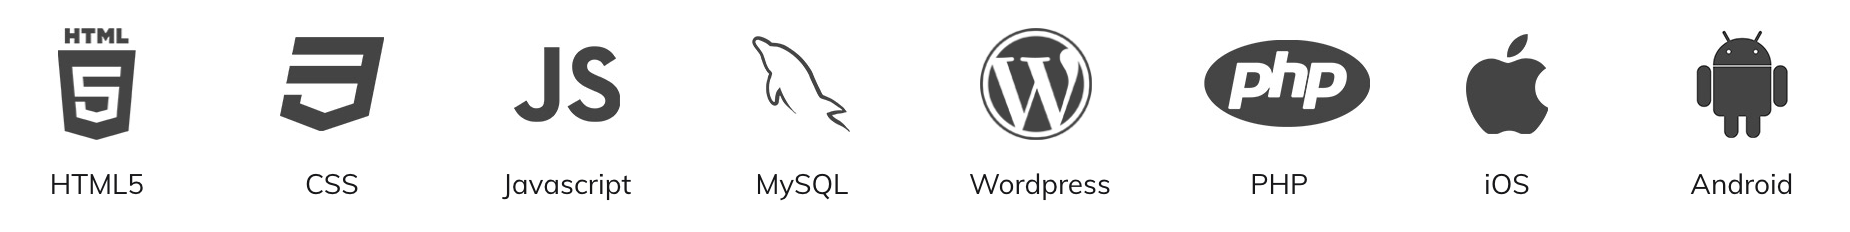 Affordable Web Design 2